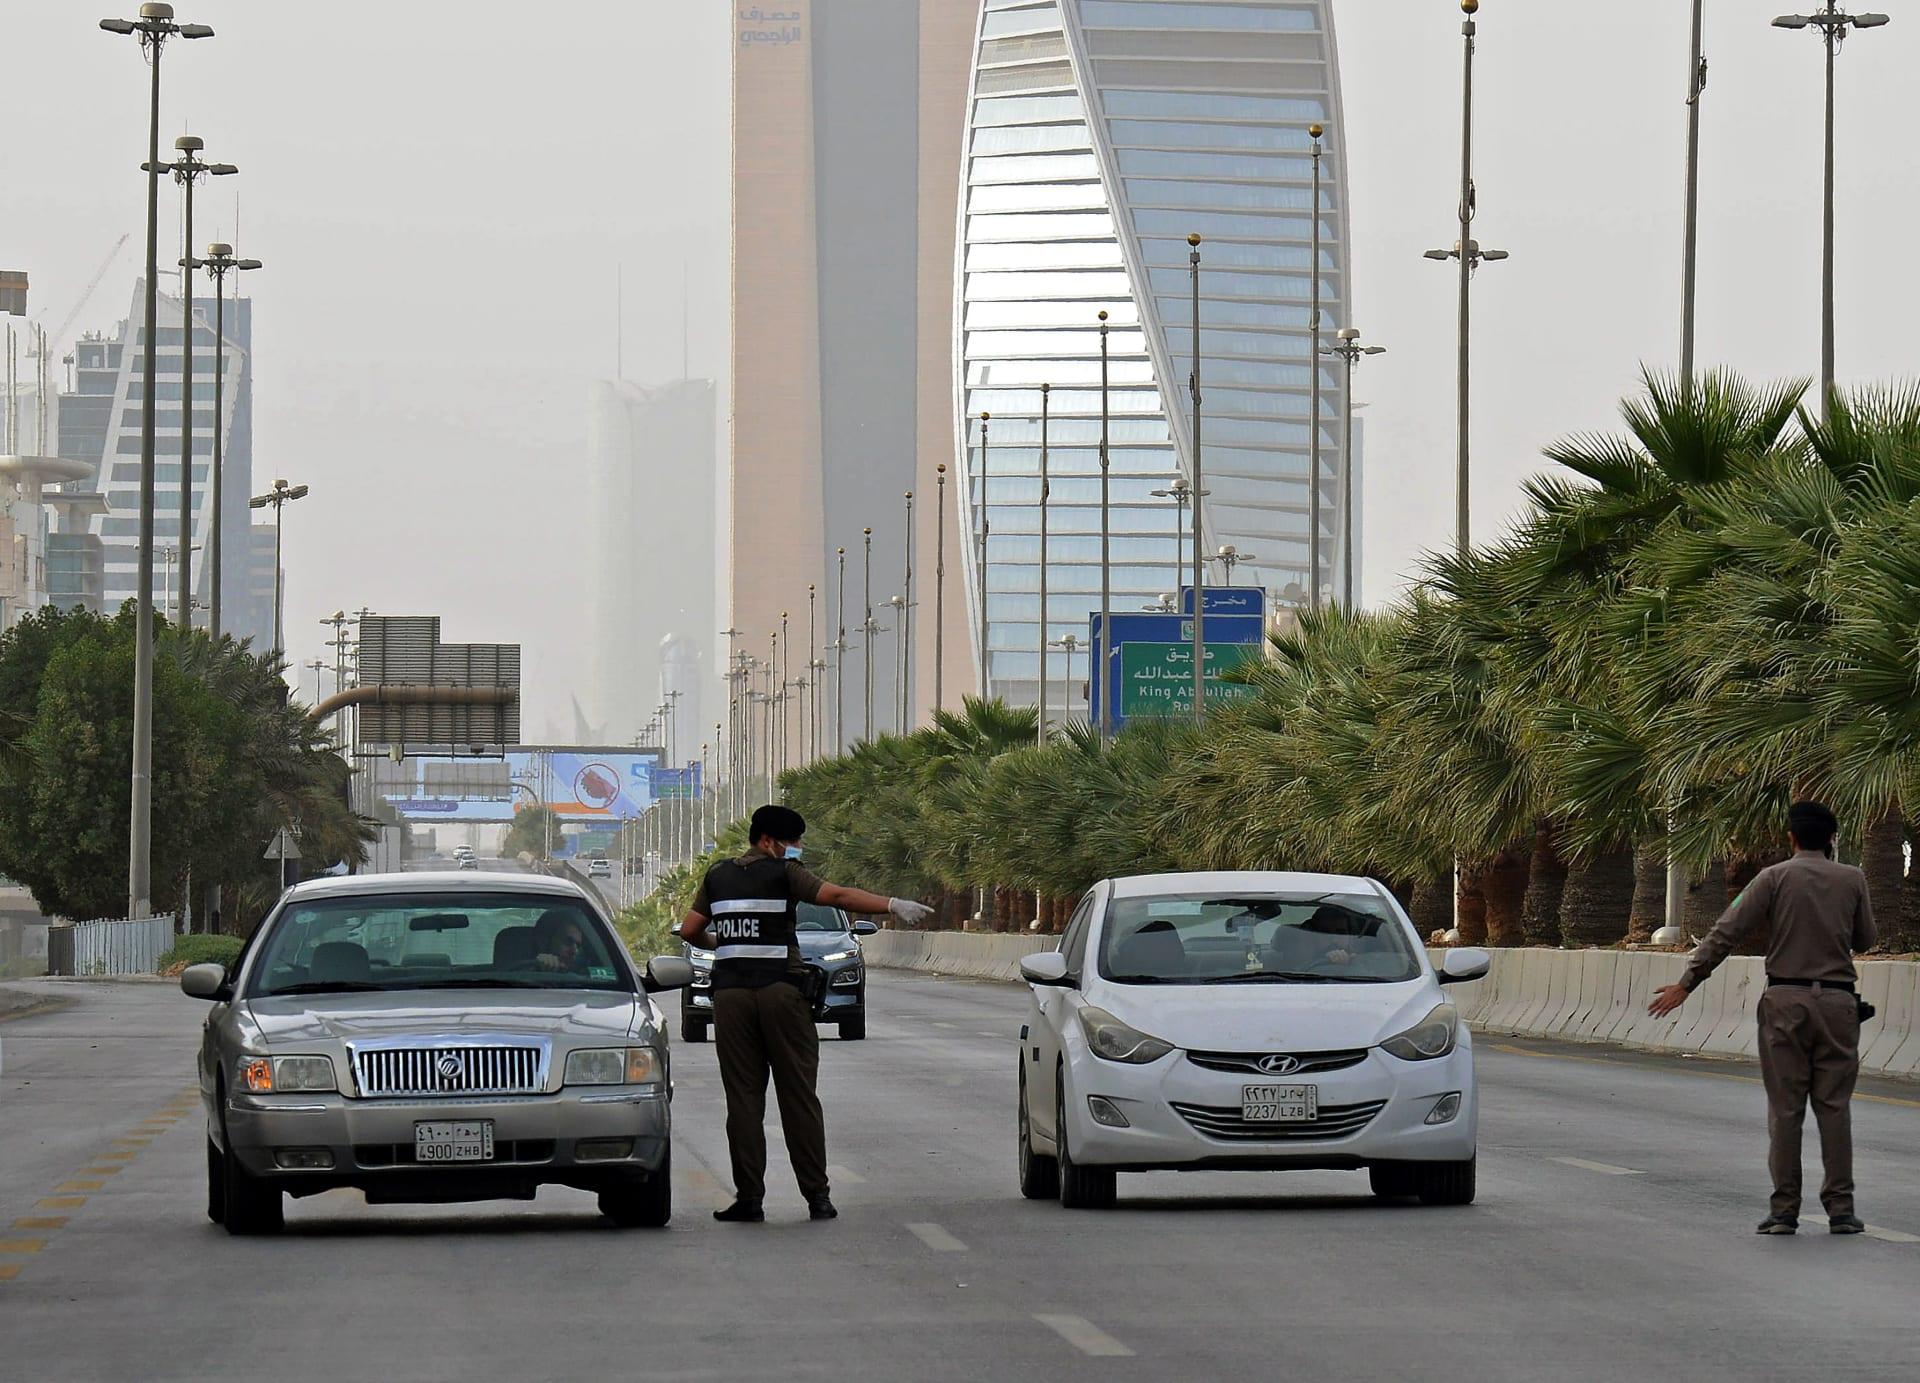 صورة التقطت في 26 مارس 2020، تظهر رجال شرطة سعوديين يحرسون نقطة تفتيش على طريق الملك فهد في العاصمة الرياض